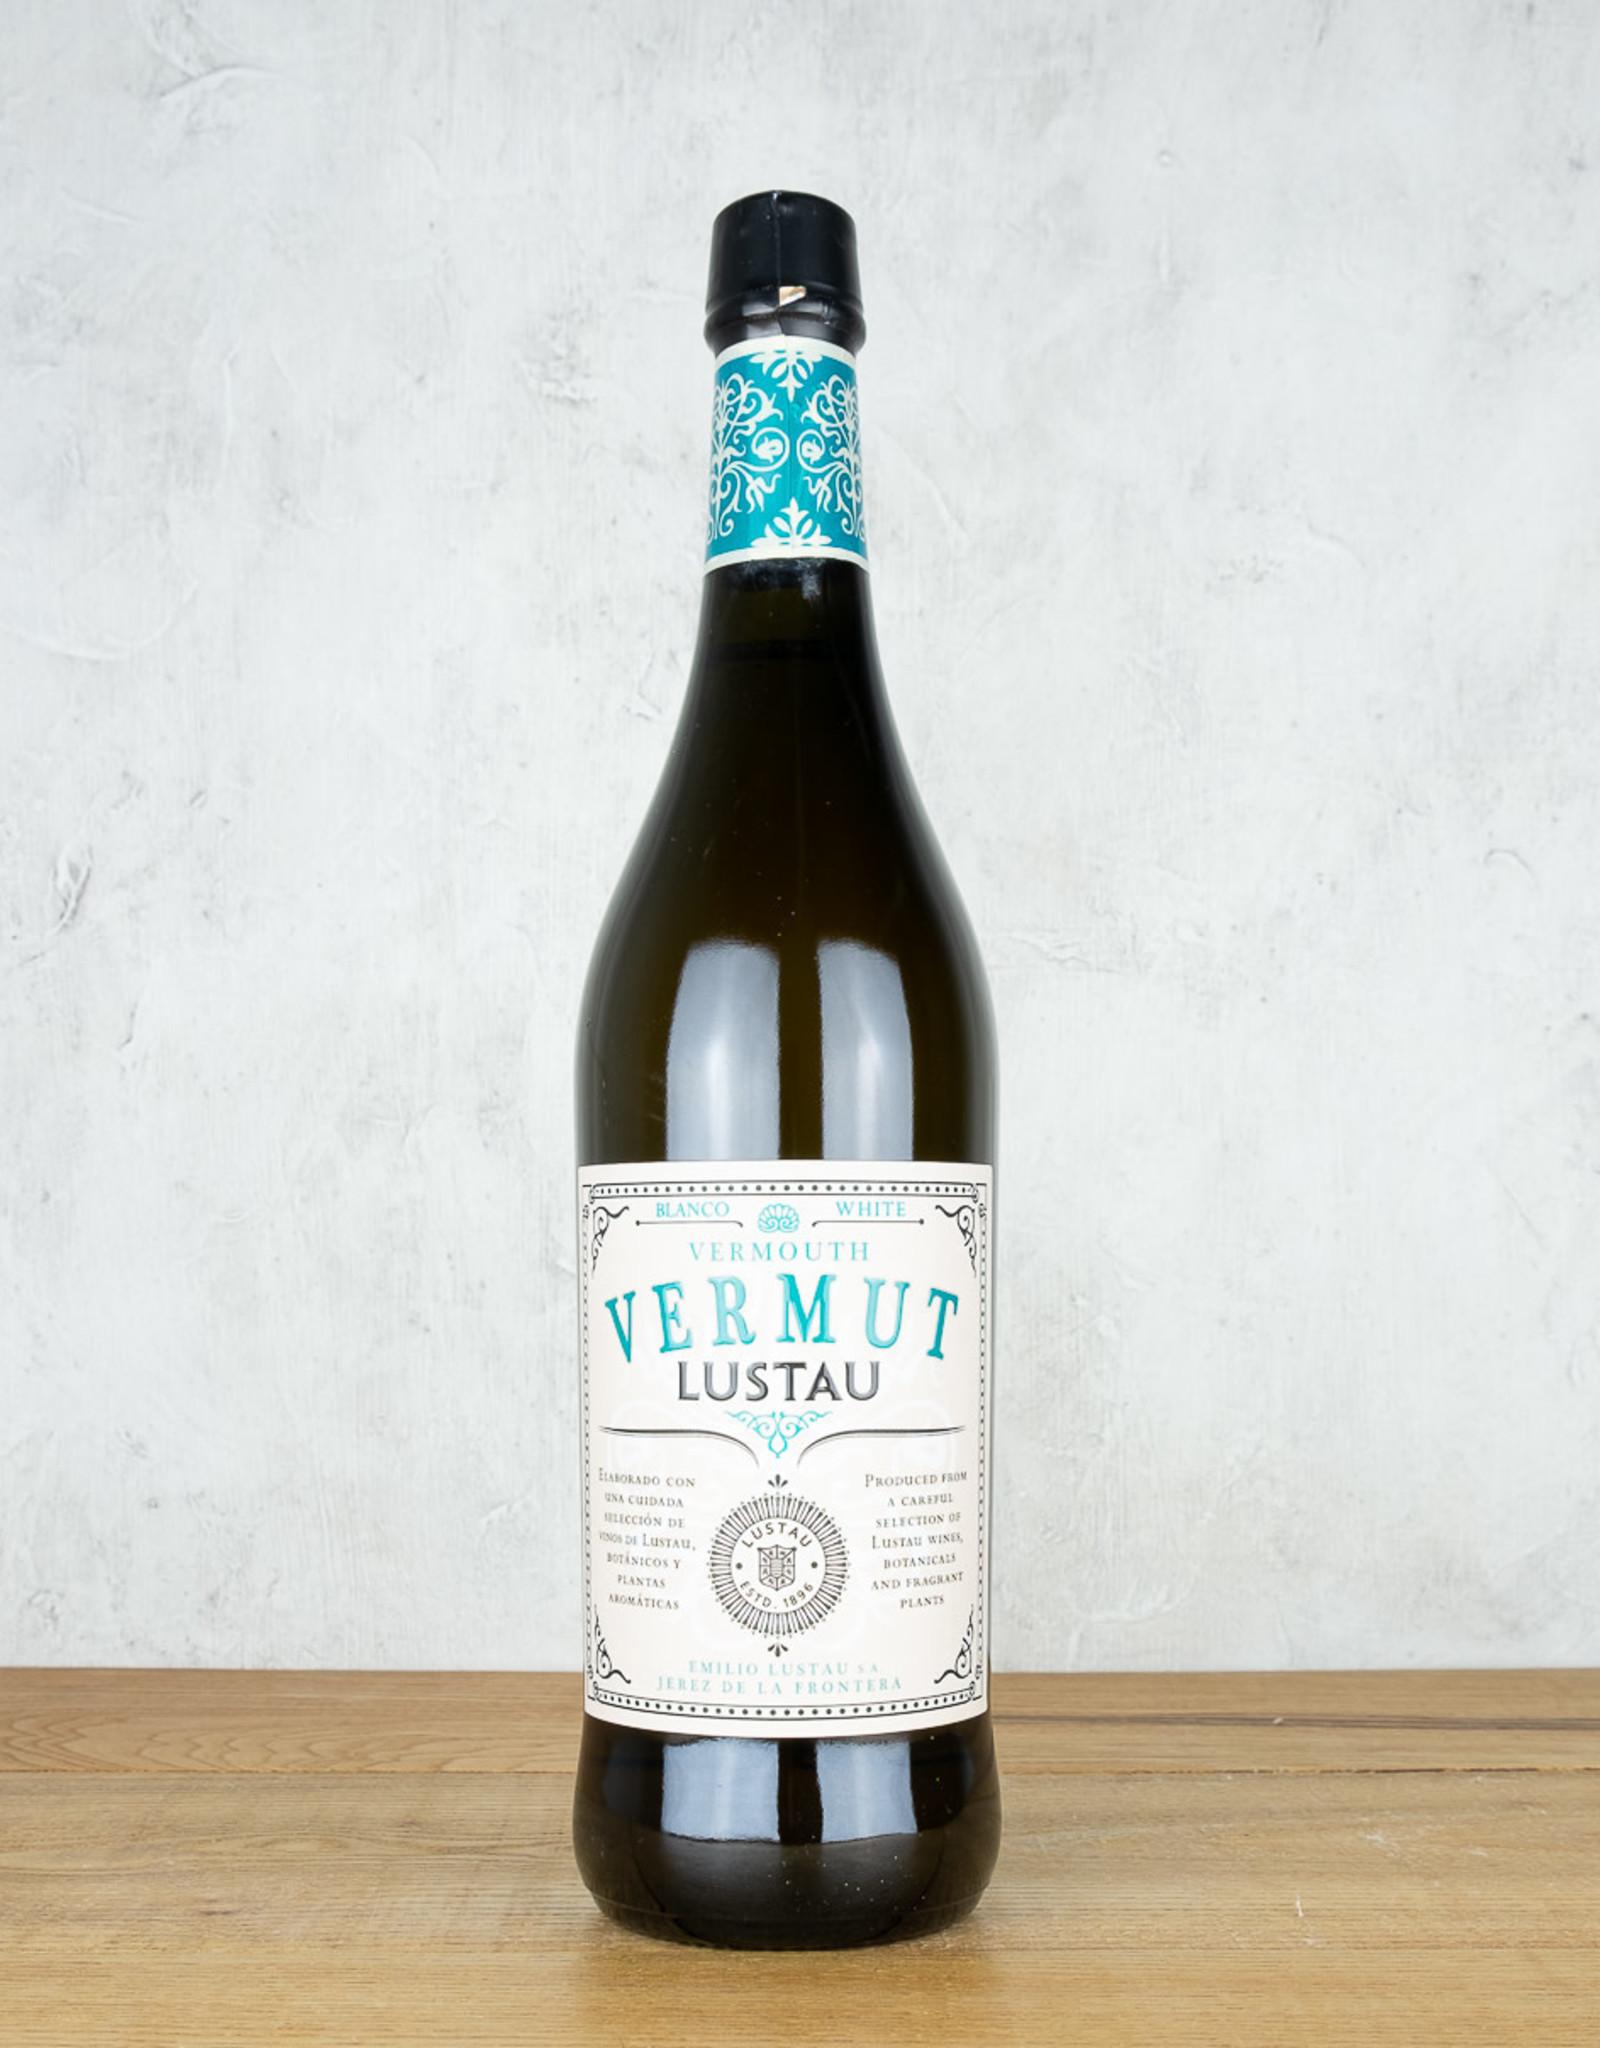 Lustau Vermouth Blanco